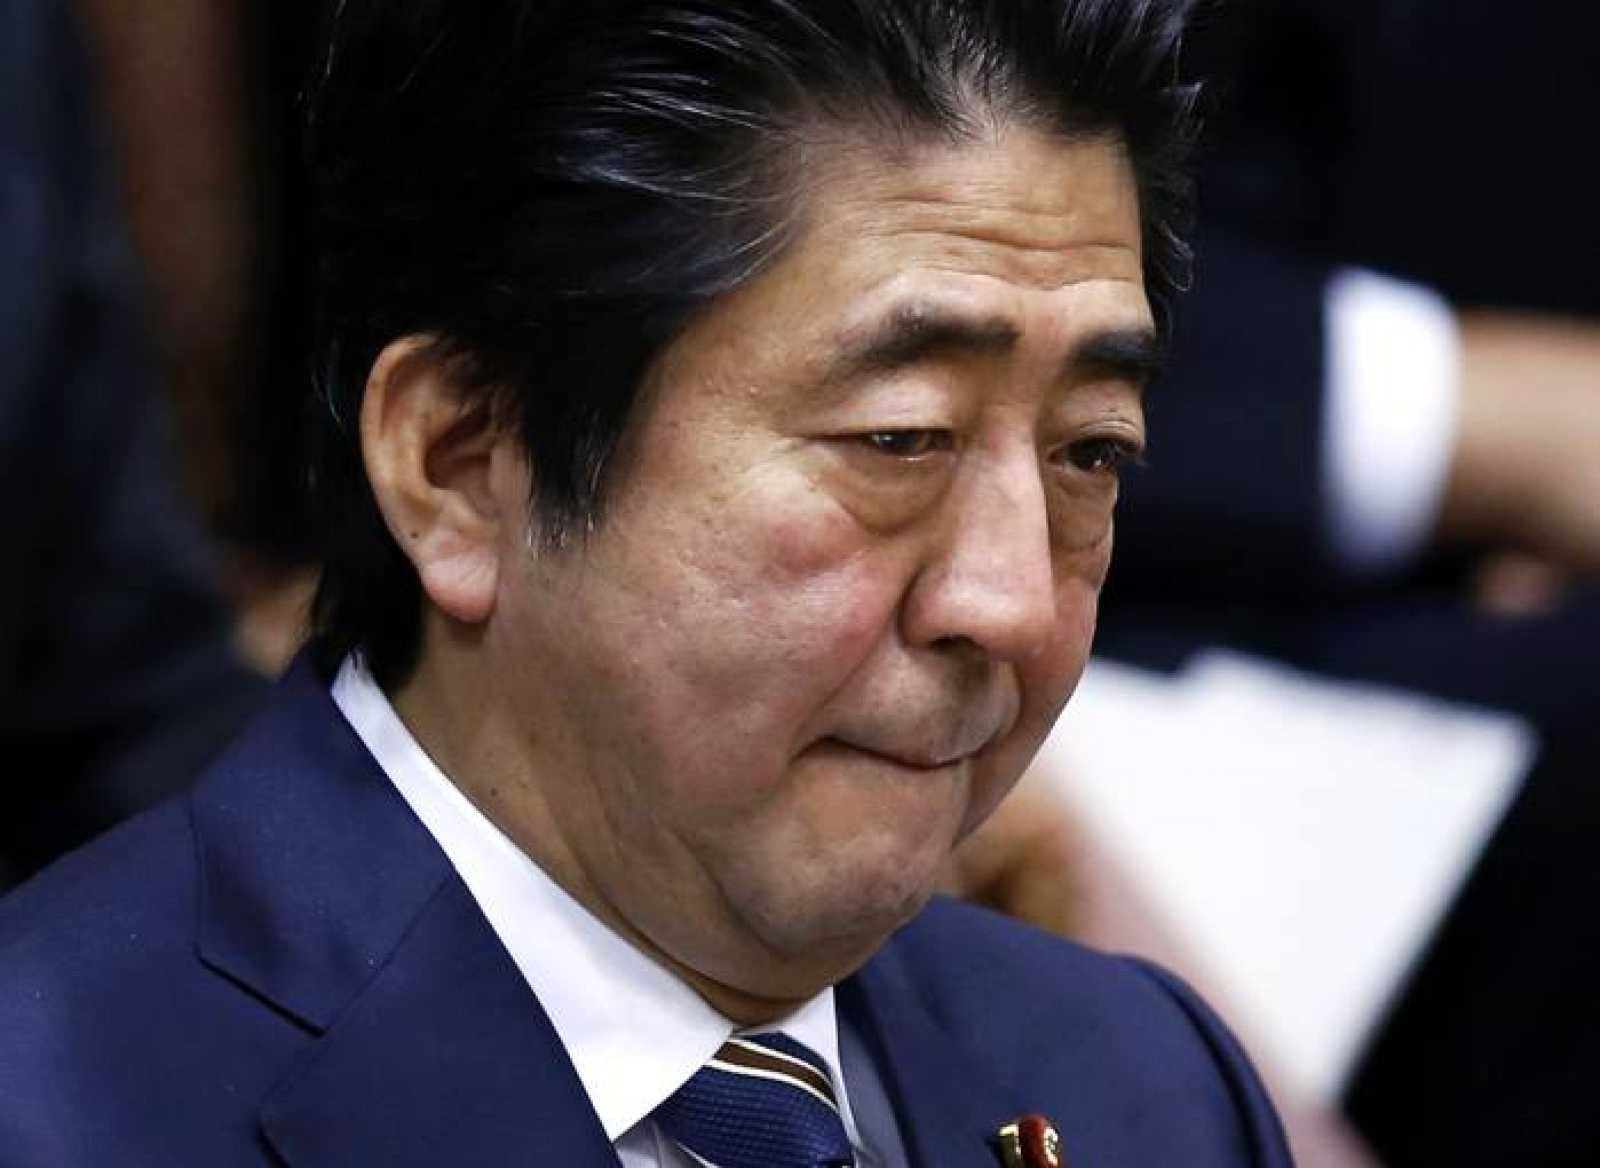 El primer ministro de Japón, Shinzo Abe, durante una reunión en el parlamento de Tokio.